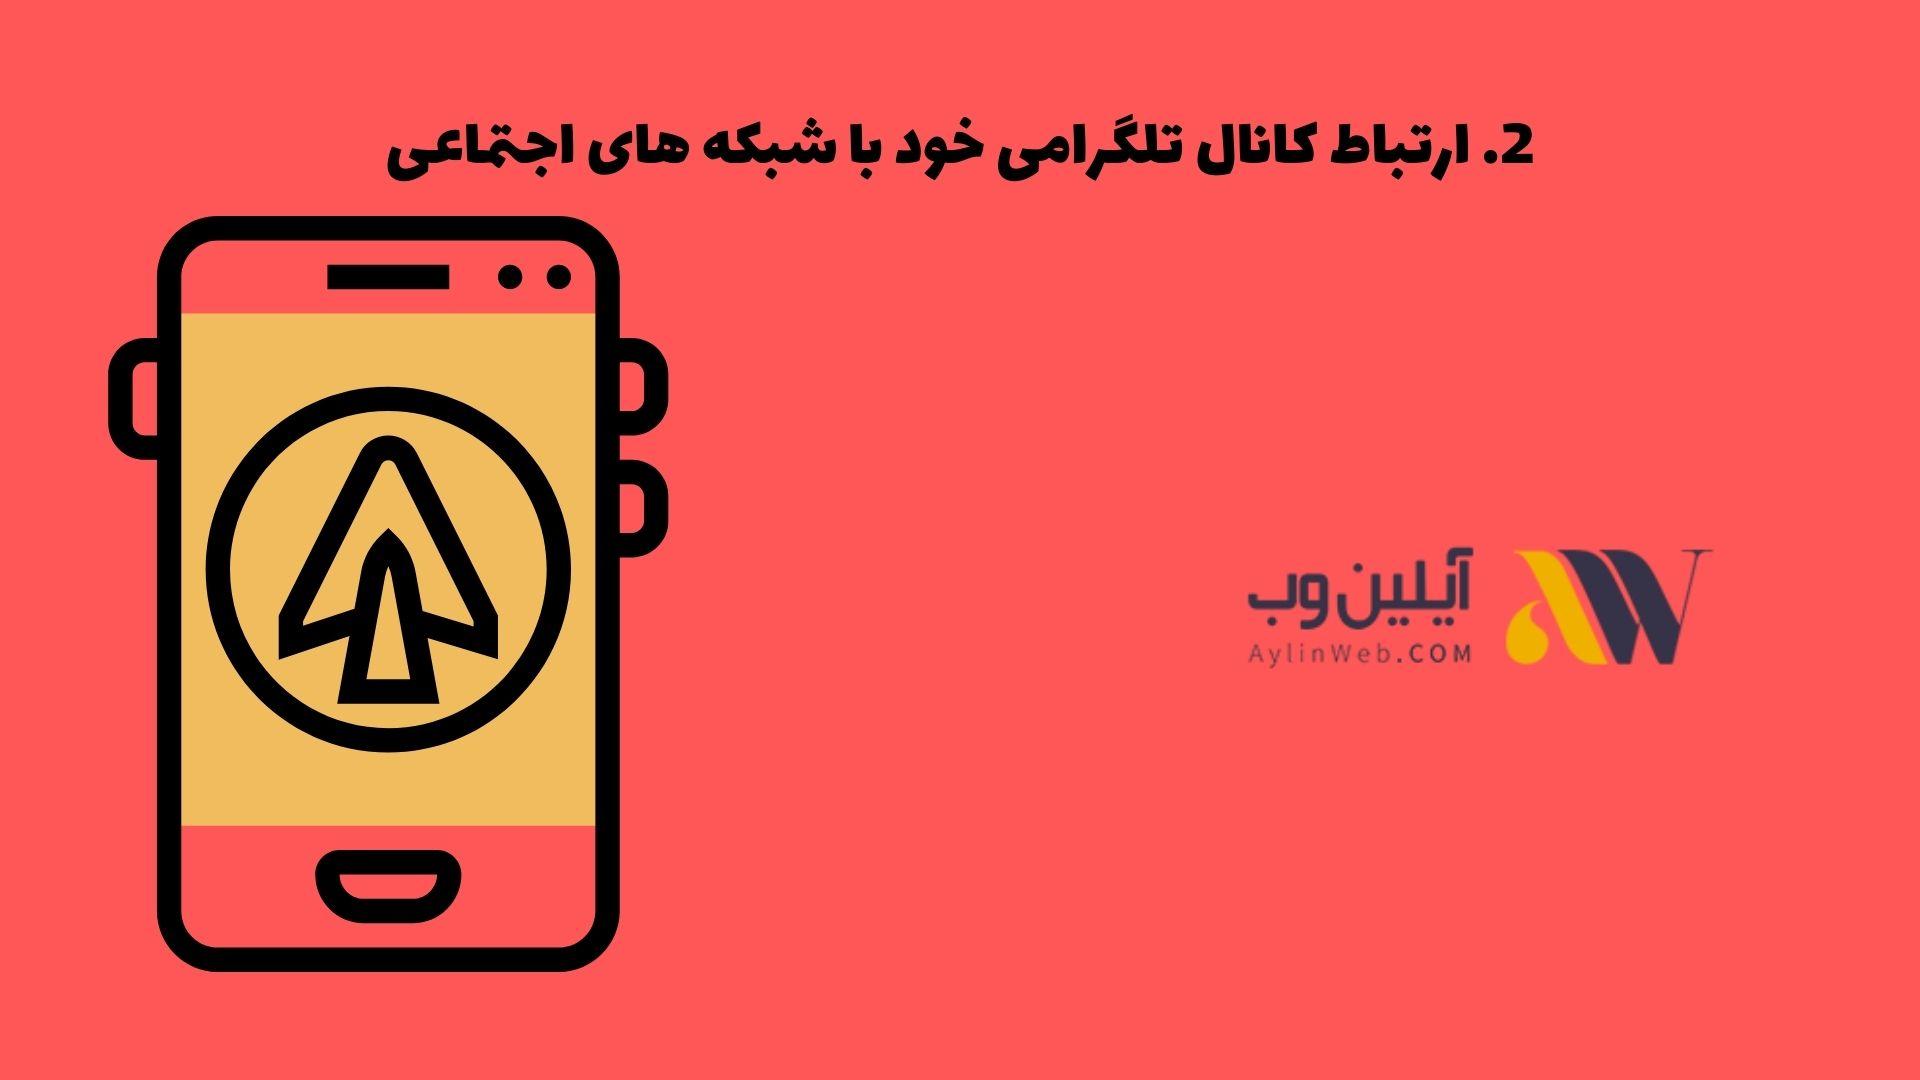 ارتباط کانال تلگرامی خود با شبکه های اجتماعی